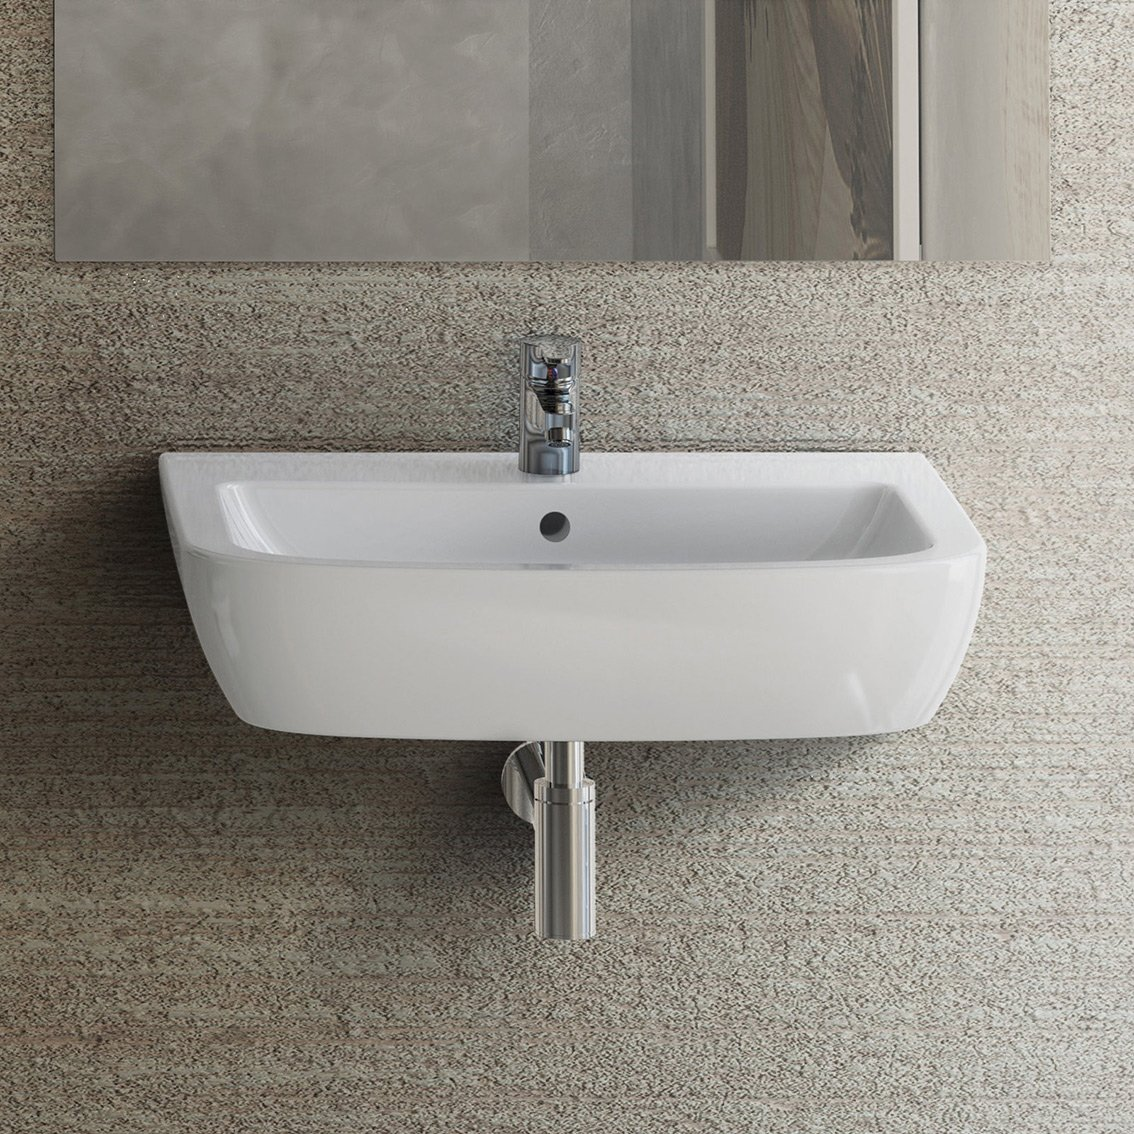 Lavandino Bagno Con Piede lavabi: sospesi e da appoggio. foto, dimensioni, materiali